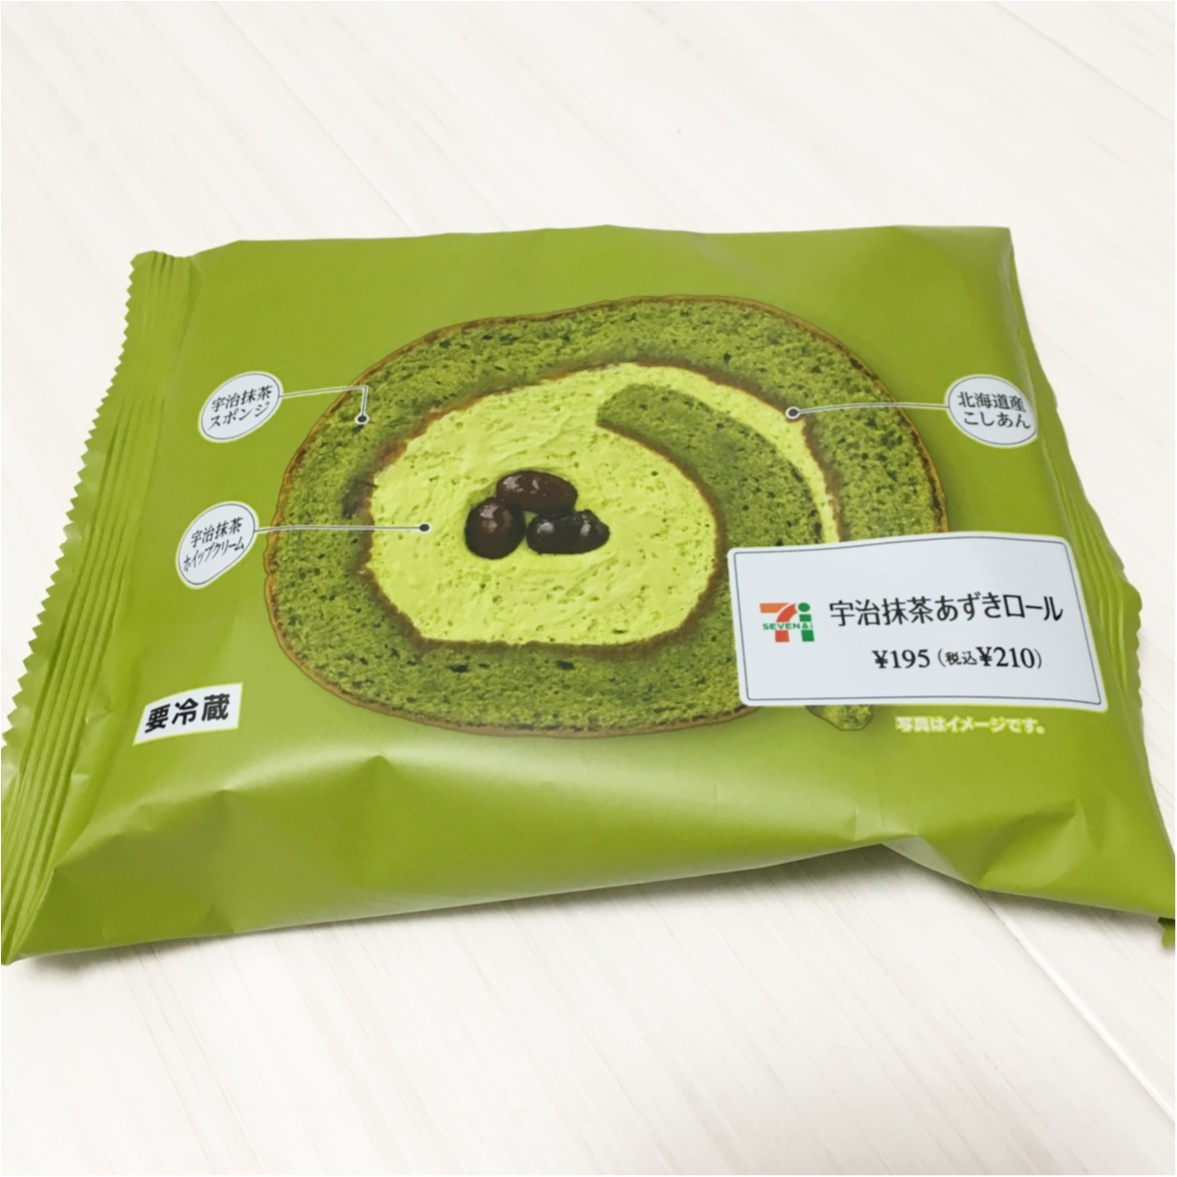 【 抹茶好き必見!】濃厚抹茶が味わえる、セブンイレブンの和スイーツを食べてみて♡_1